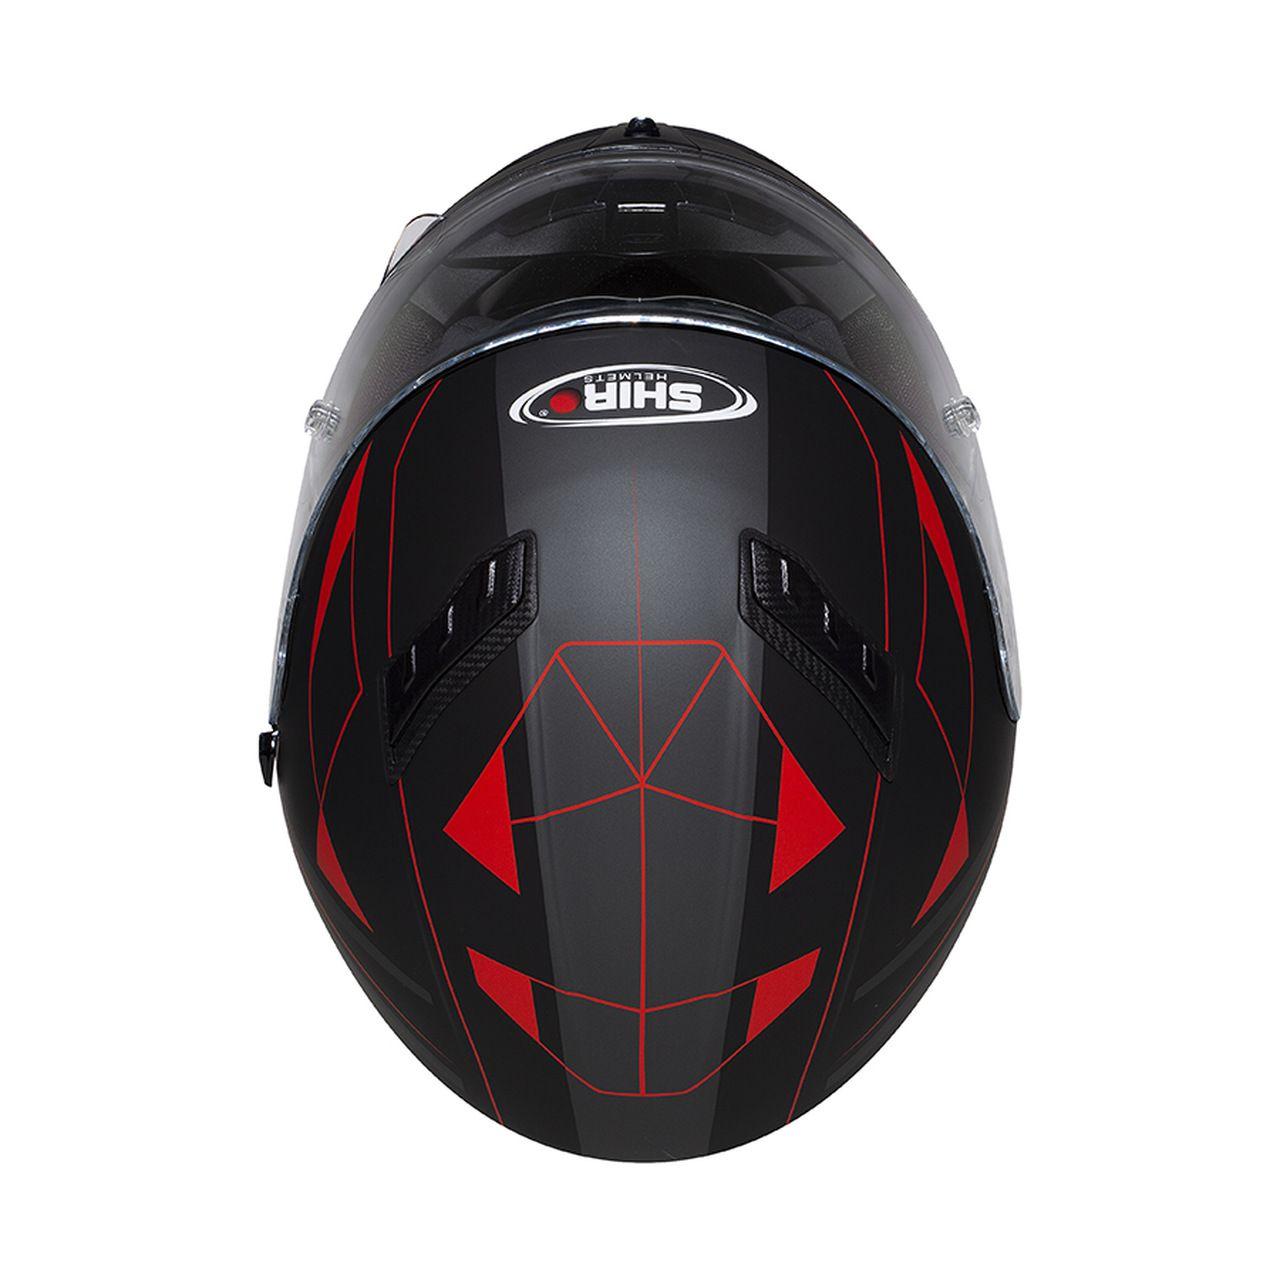 Capacete Shiro Integral Strada com Óculos Interno SH-600 Elite Preto Fosco e Vermelho